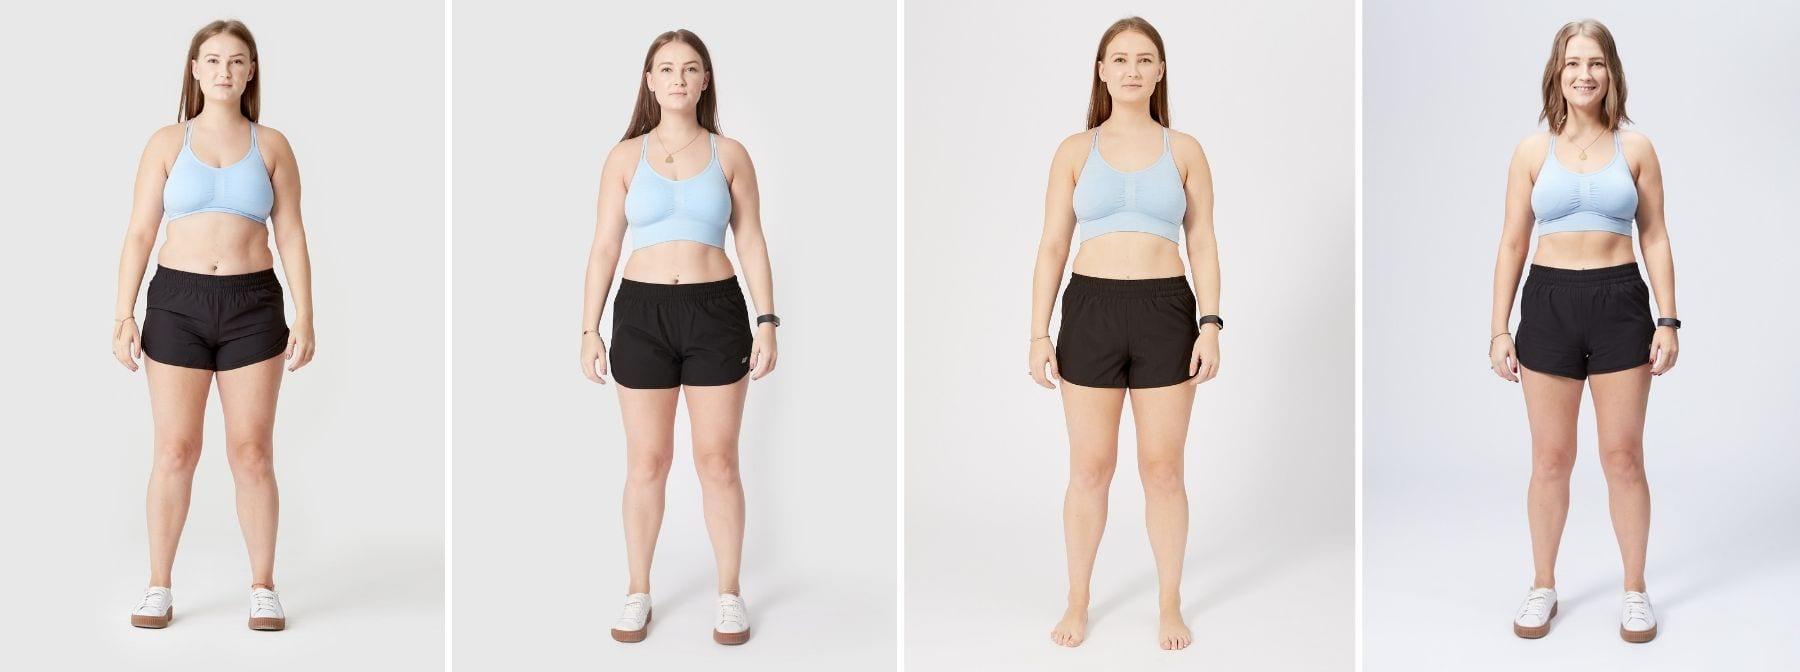 Trainen voor échte resultaten | Kat's Fitness Journey